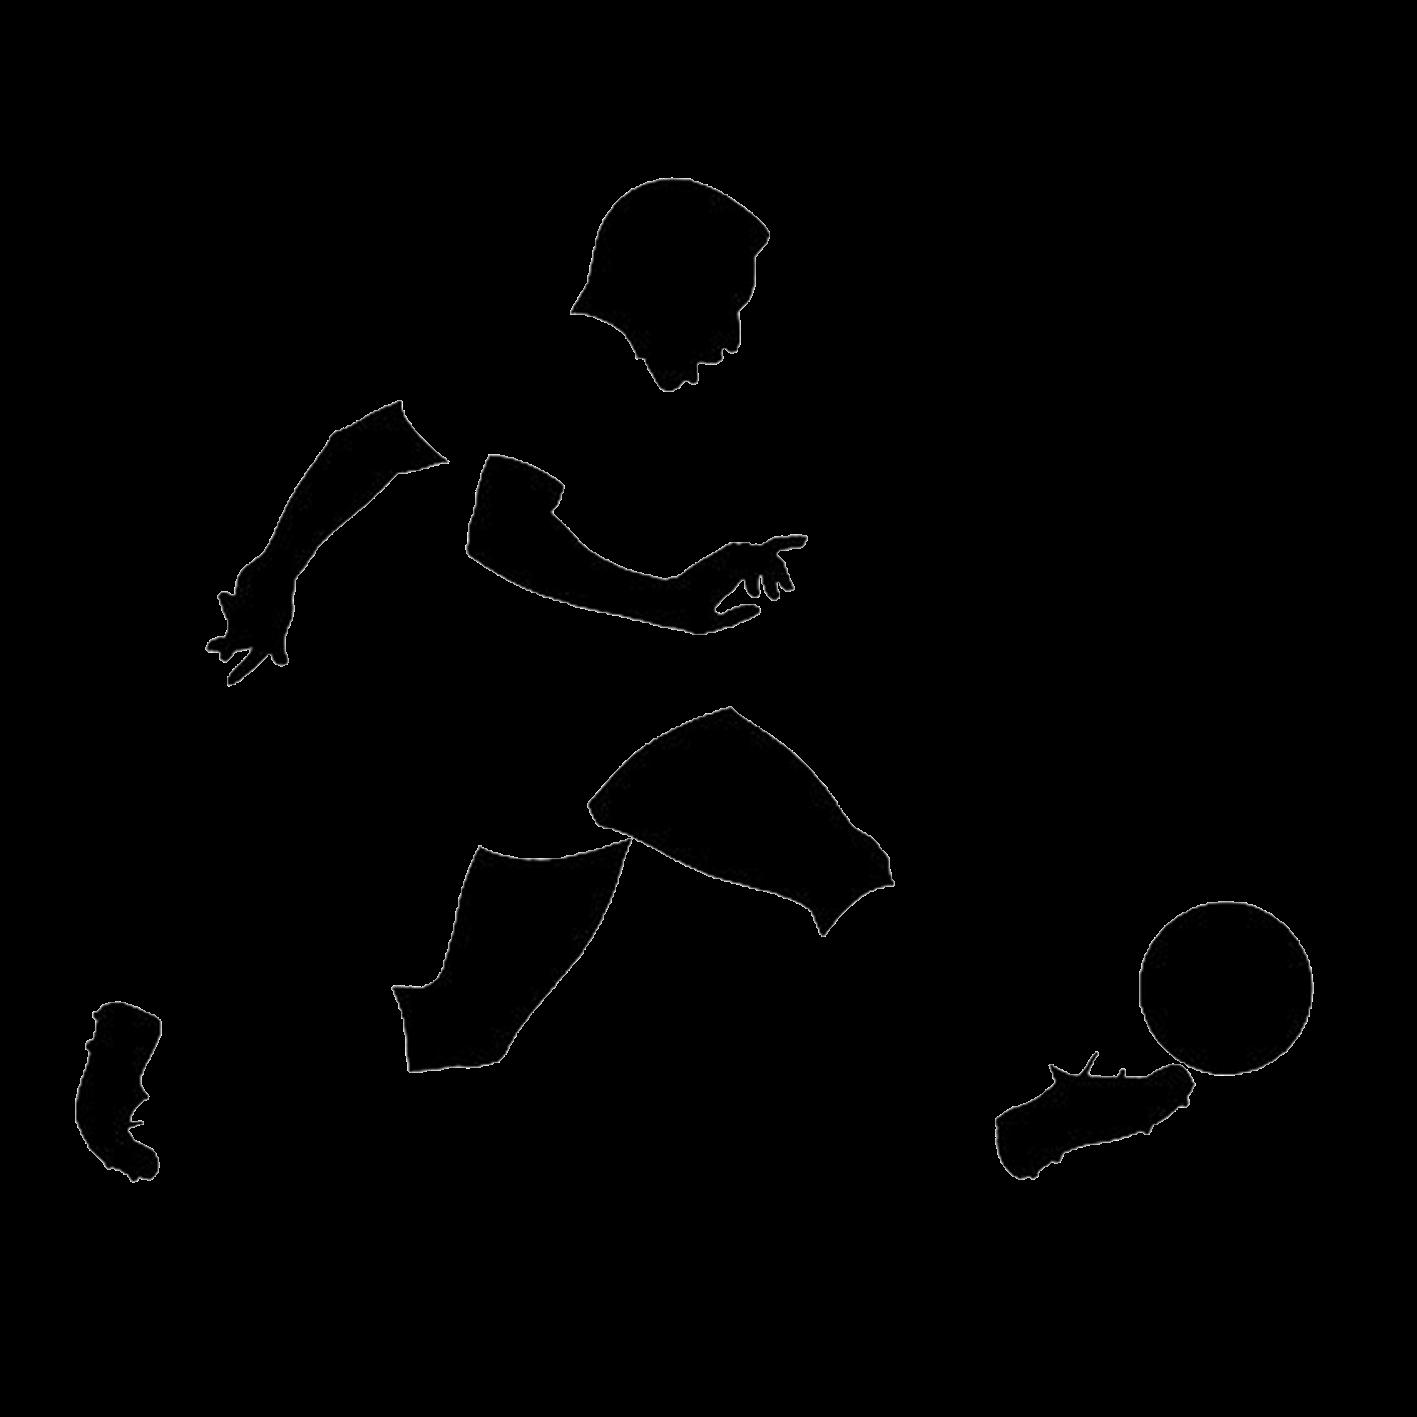 Sir PELÉ, THE KING OF FOOTBALL: O que disseram sobre Pelé